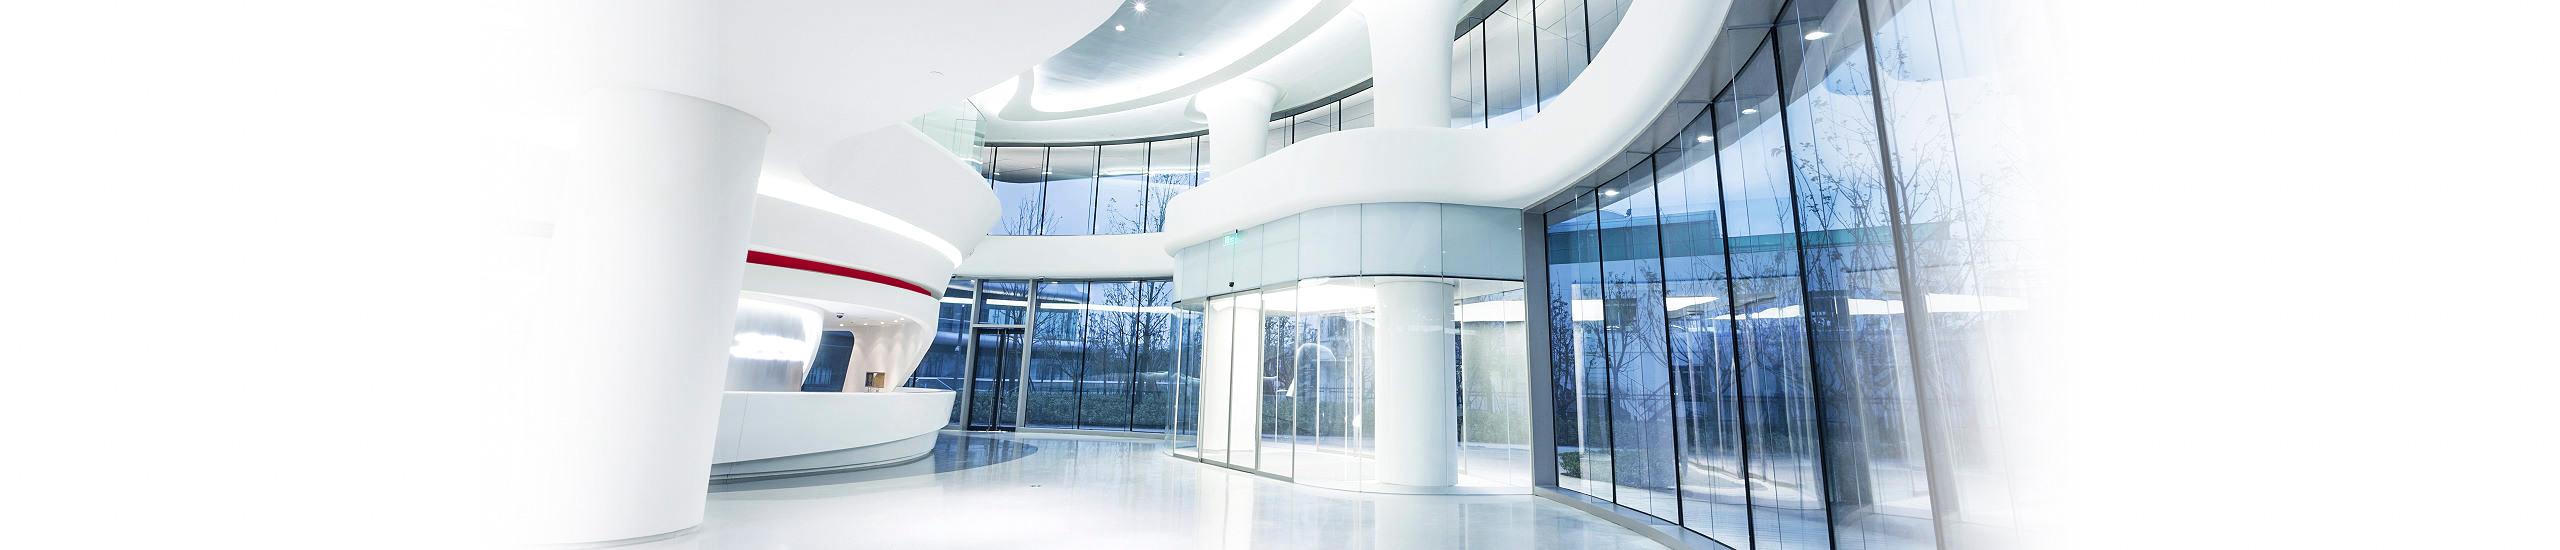 Unternehmen Stuttgart für Startups zur Neukundengewinnung | Mumme & Partner